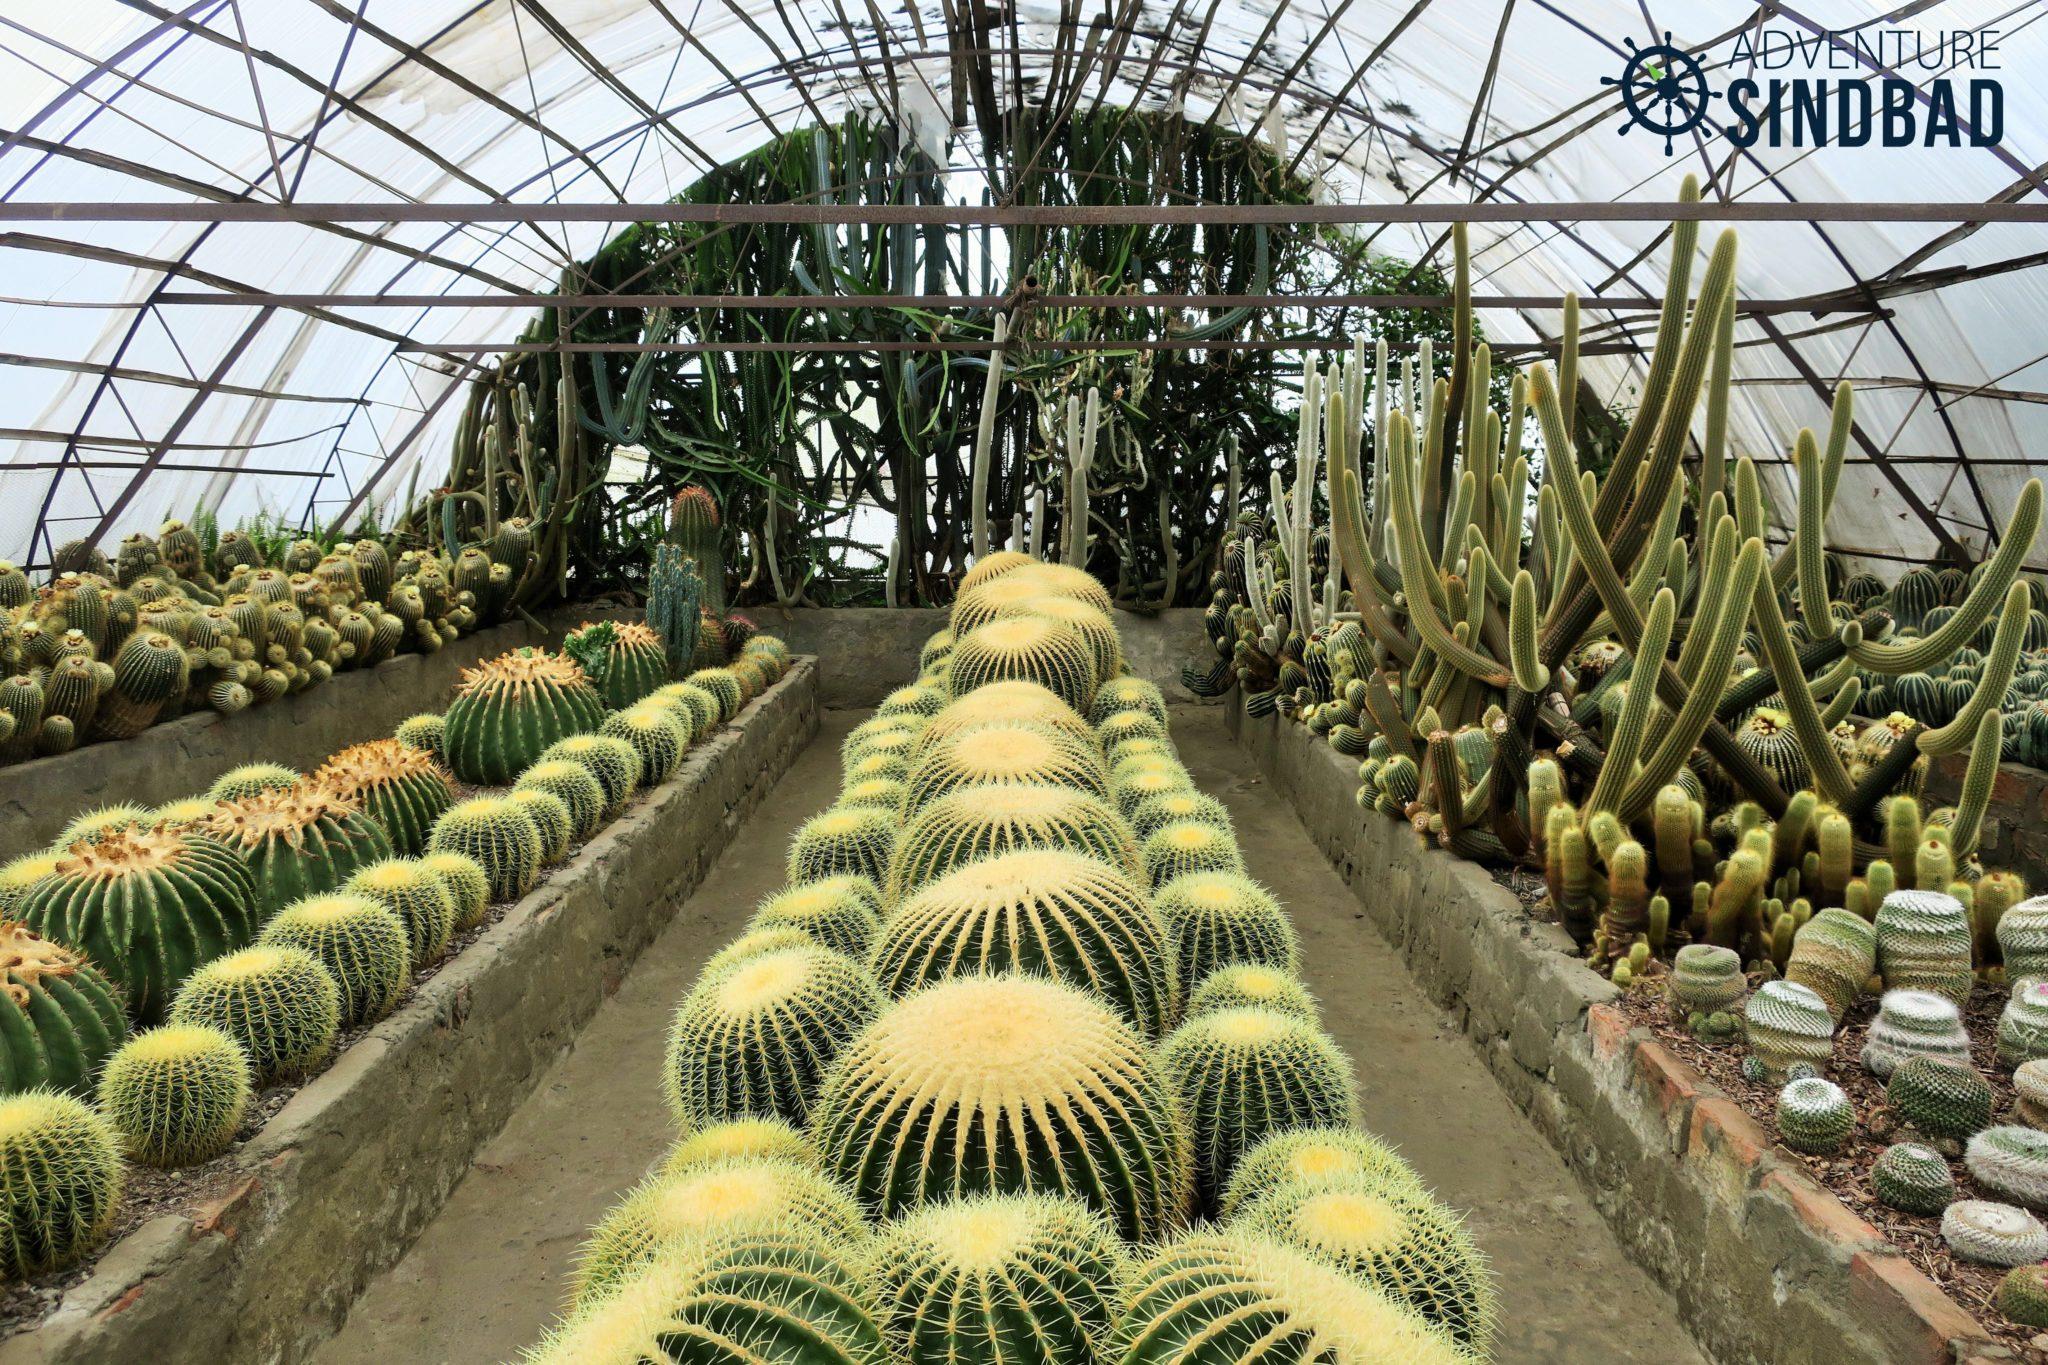 Cacti-Nursery-Kalimpong-Adventure-Sindbad